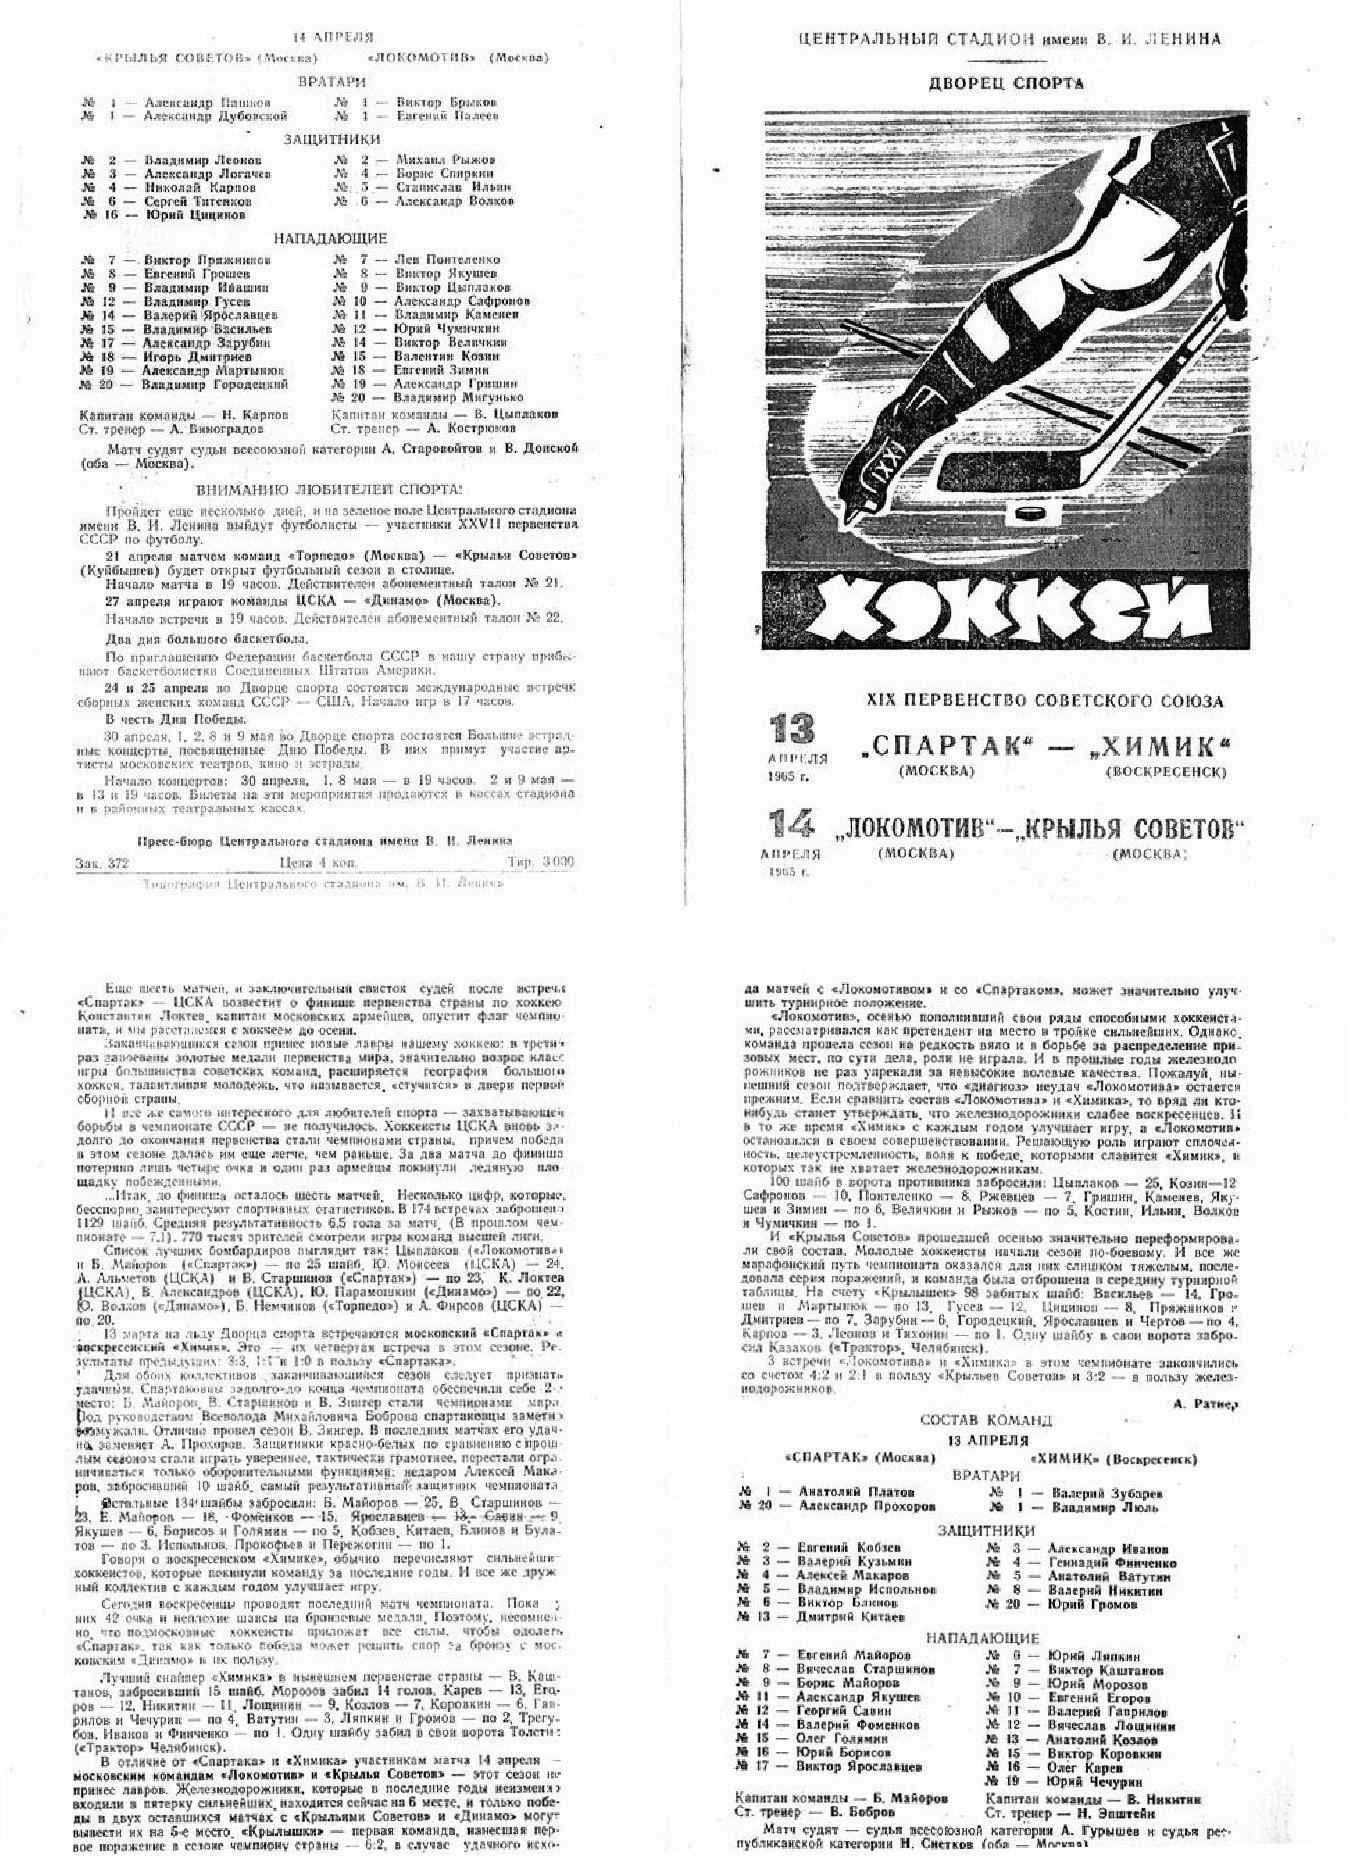 сезон 1964-1965 программки-4.jpg